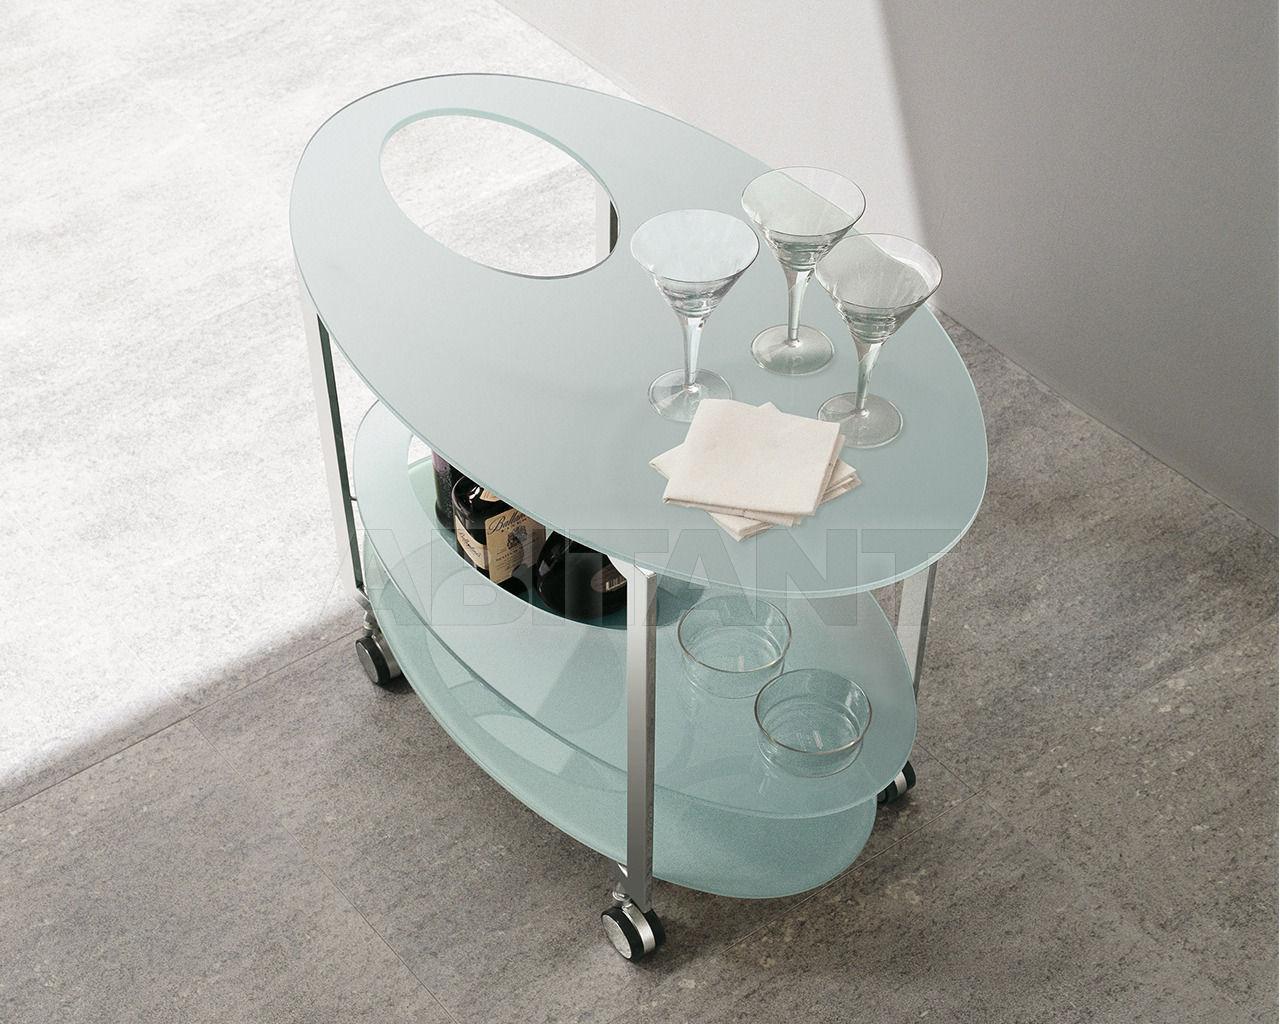 Купить Стол сервировочный Kirra Tonin Casa Rossa 7256 V62